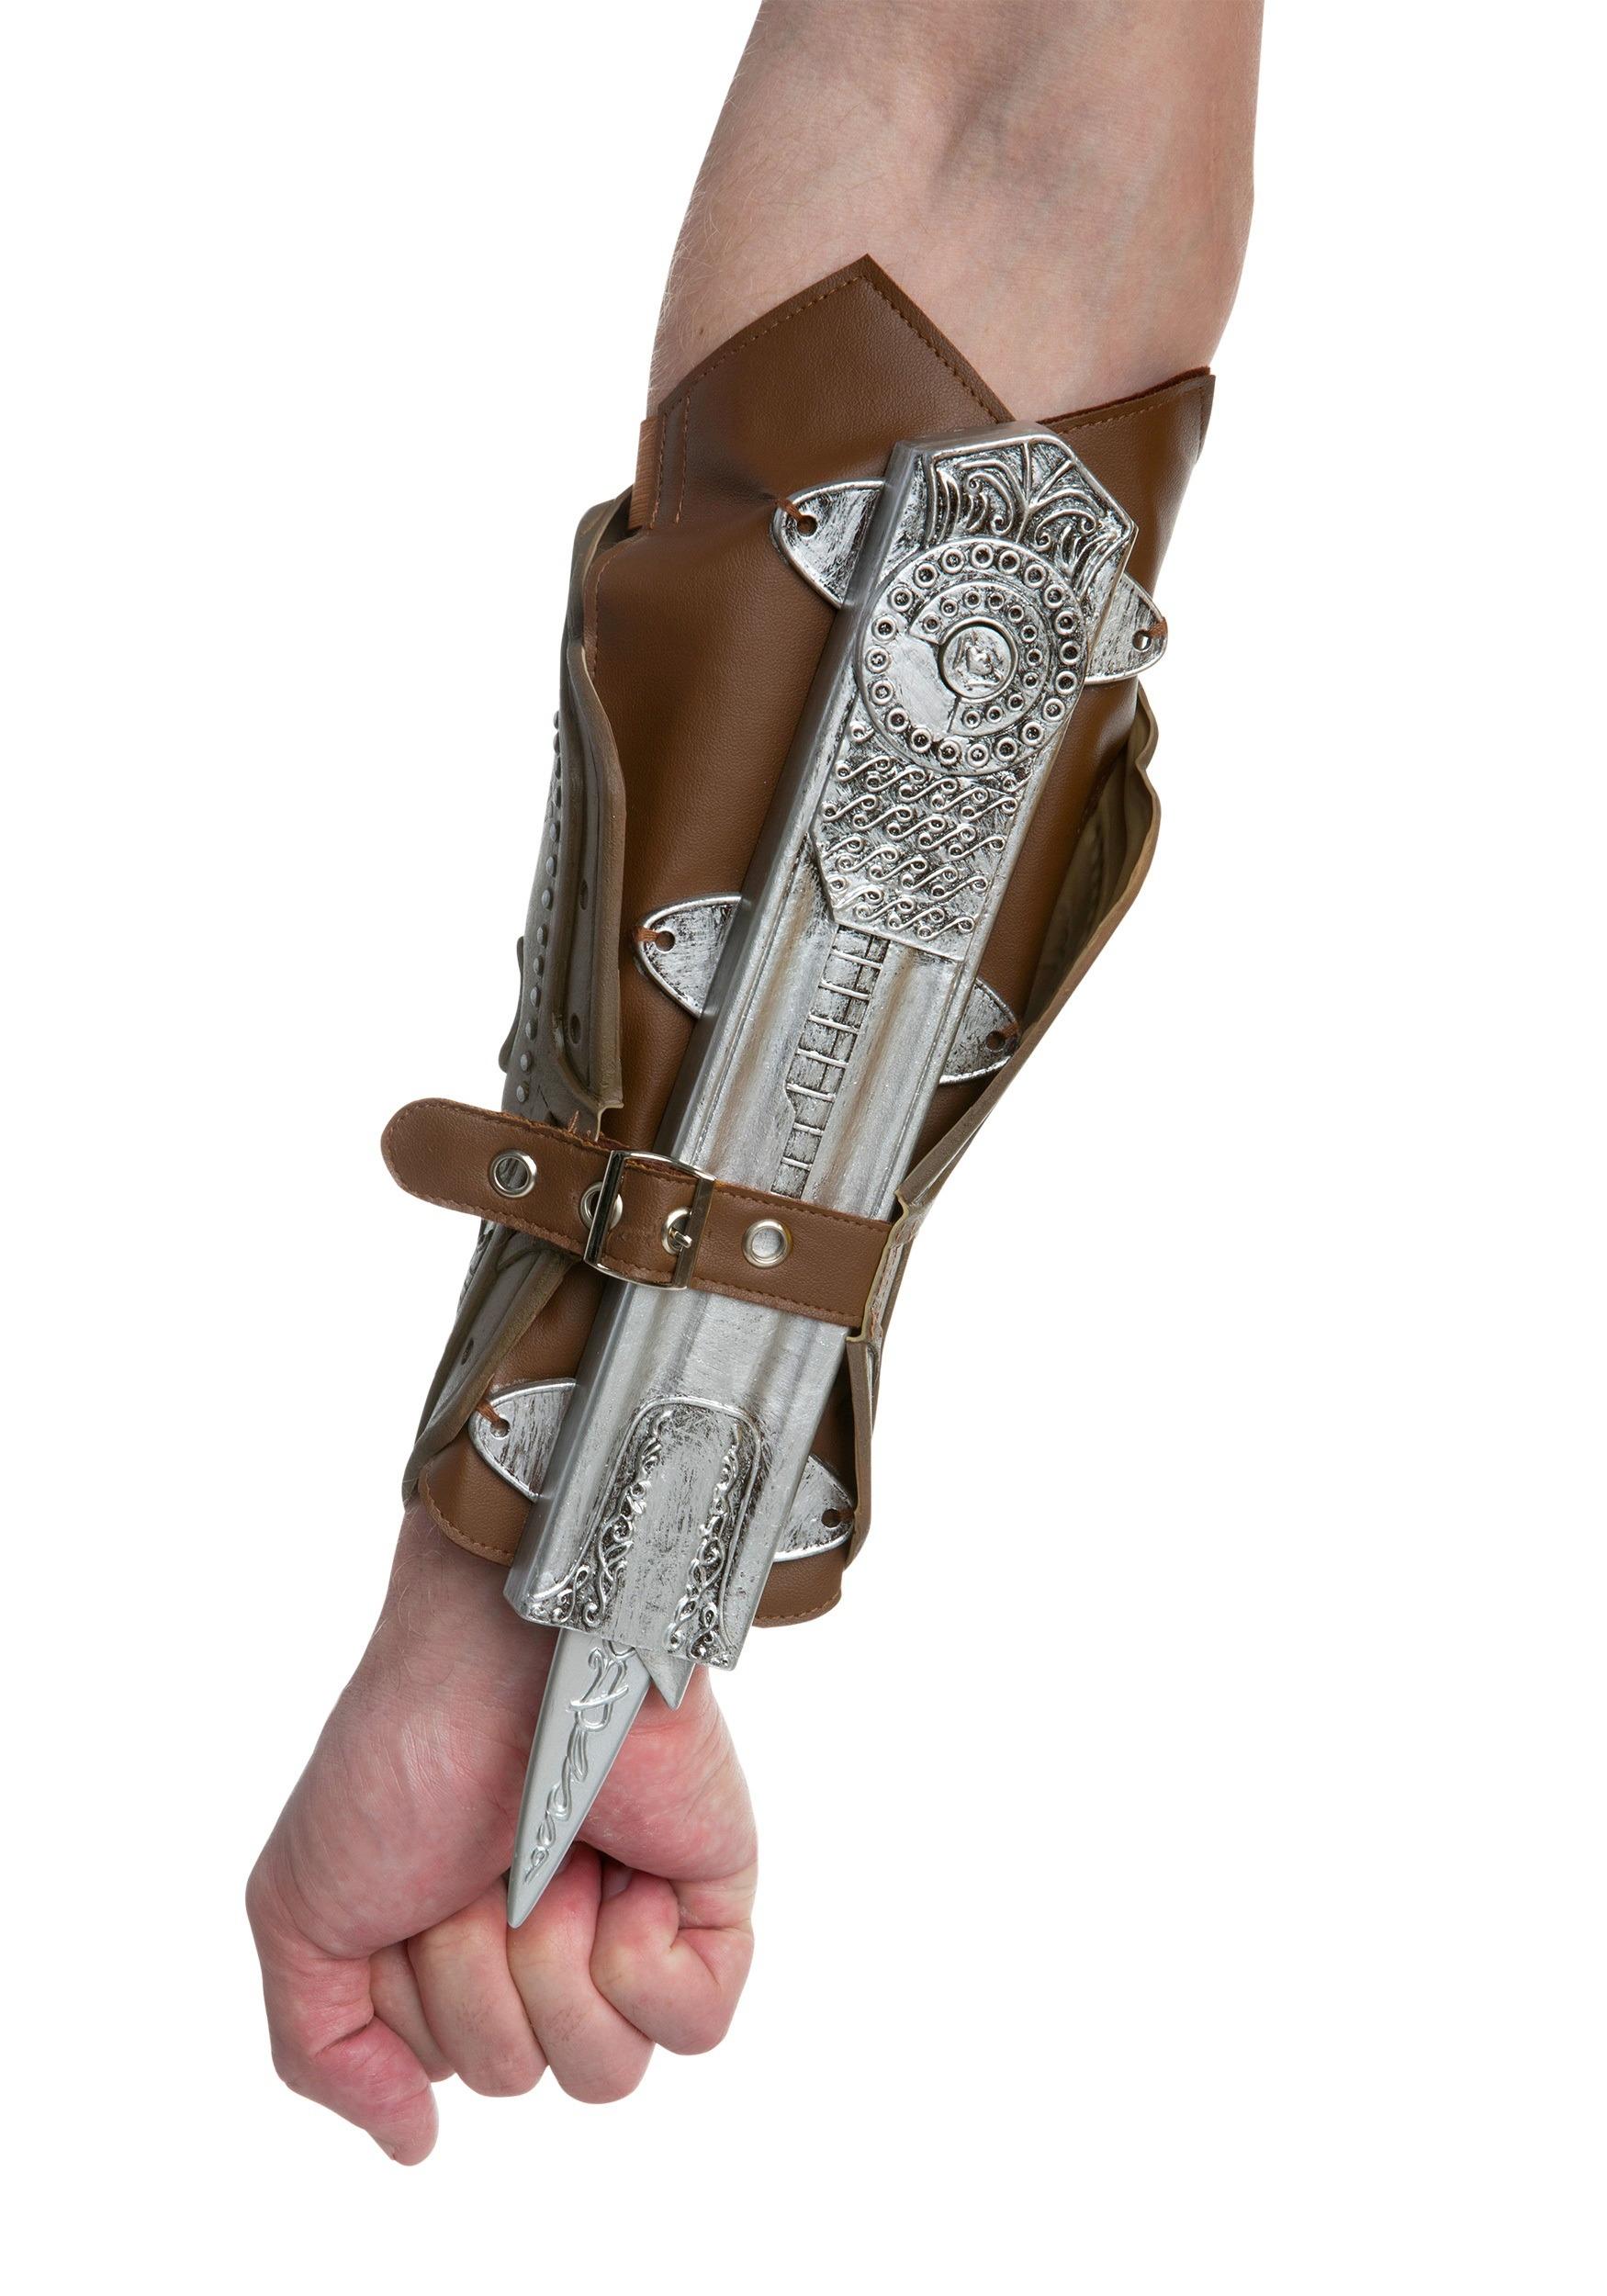 Assassins Creed: Ezio Gauntlet